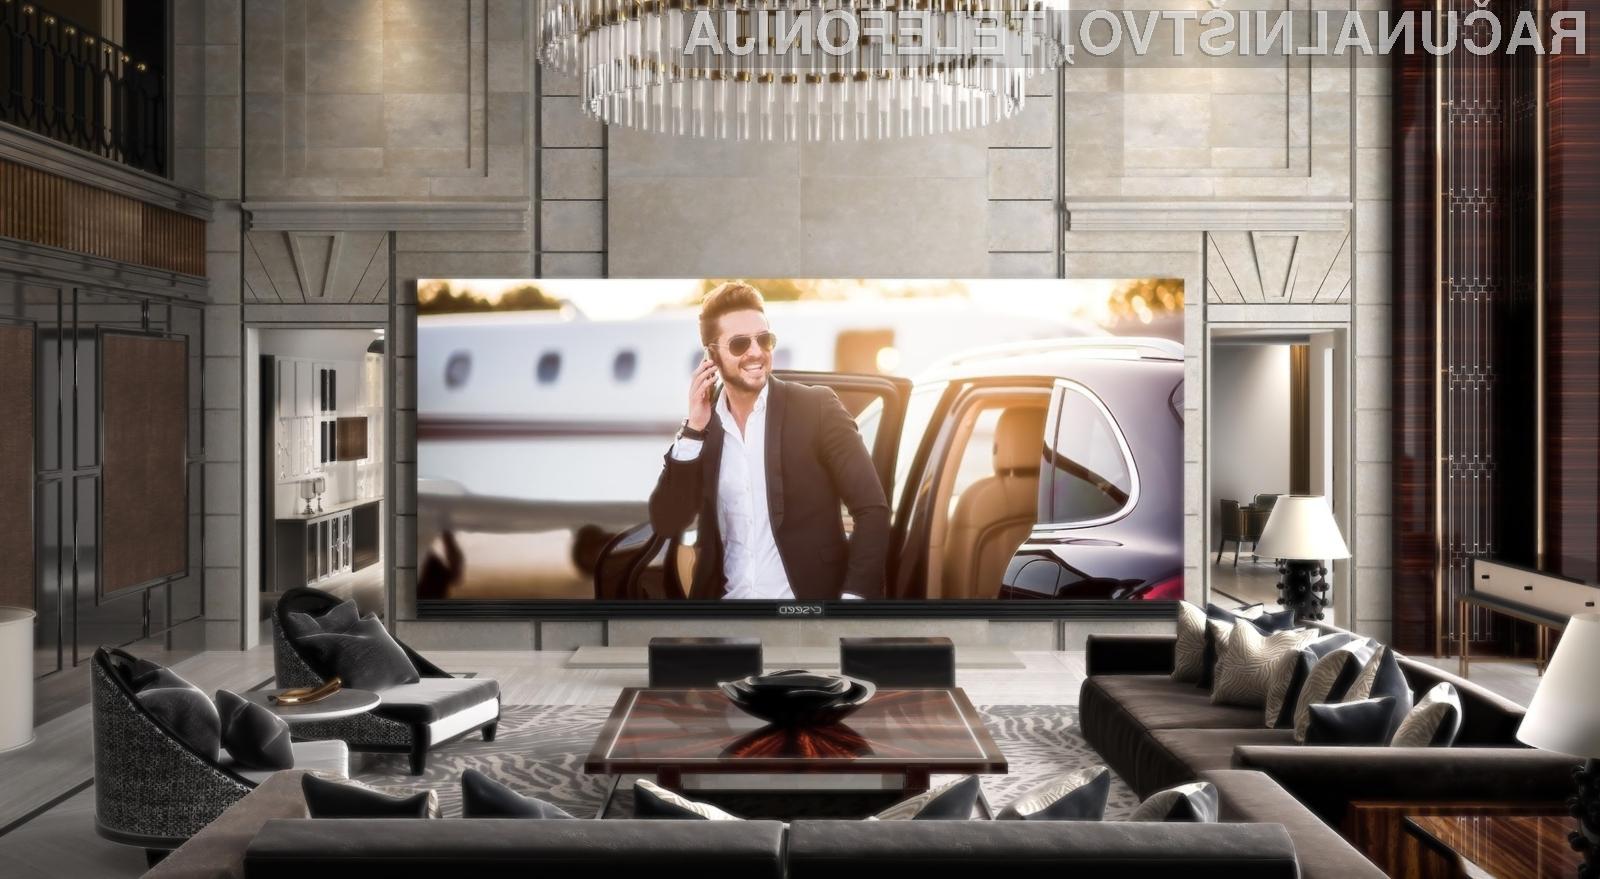 Največji in najdražji televizor C Seed 262 v širino meri 6,14 metrov in v višino 2,57 metrov.